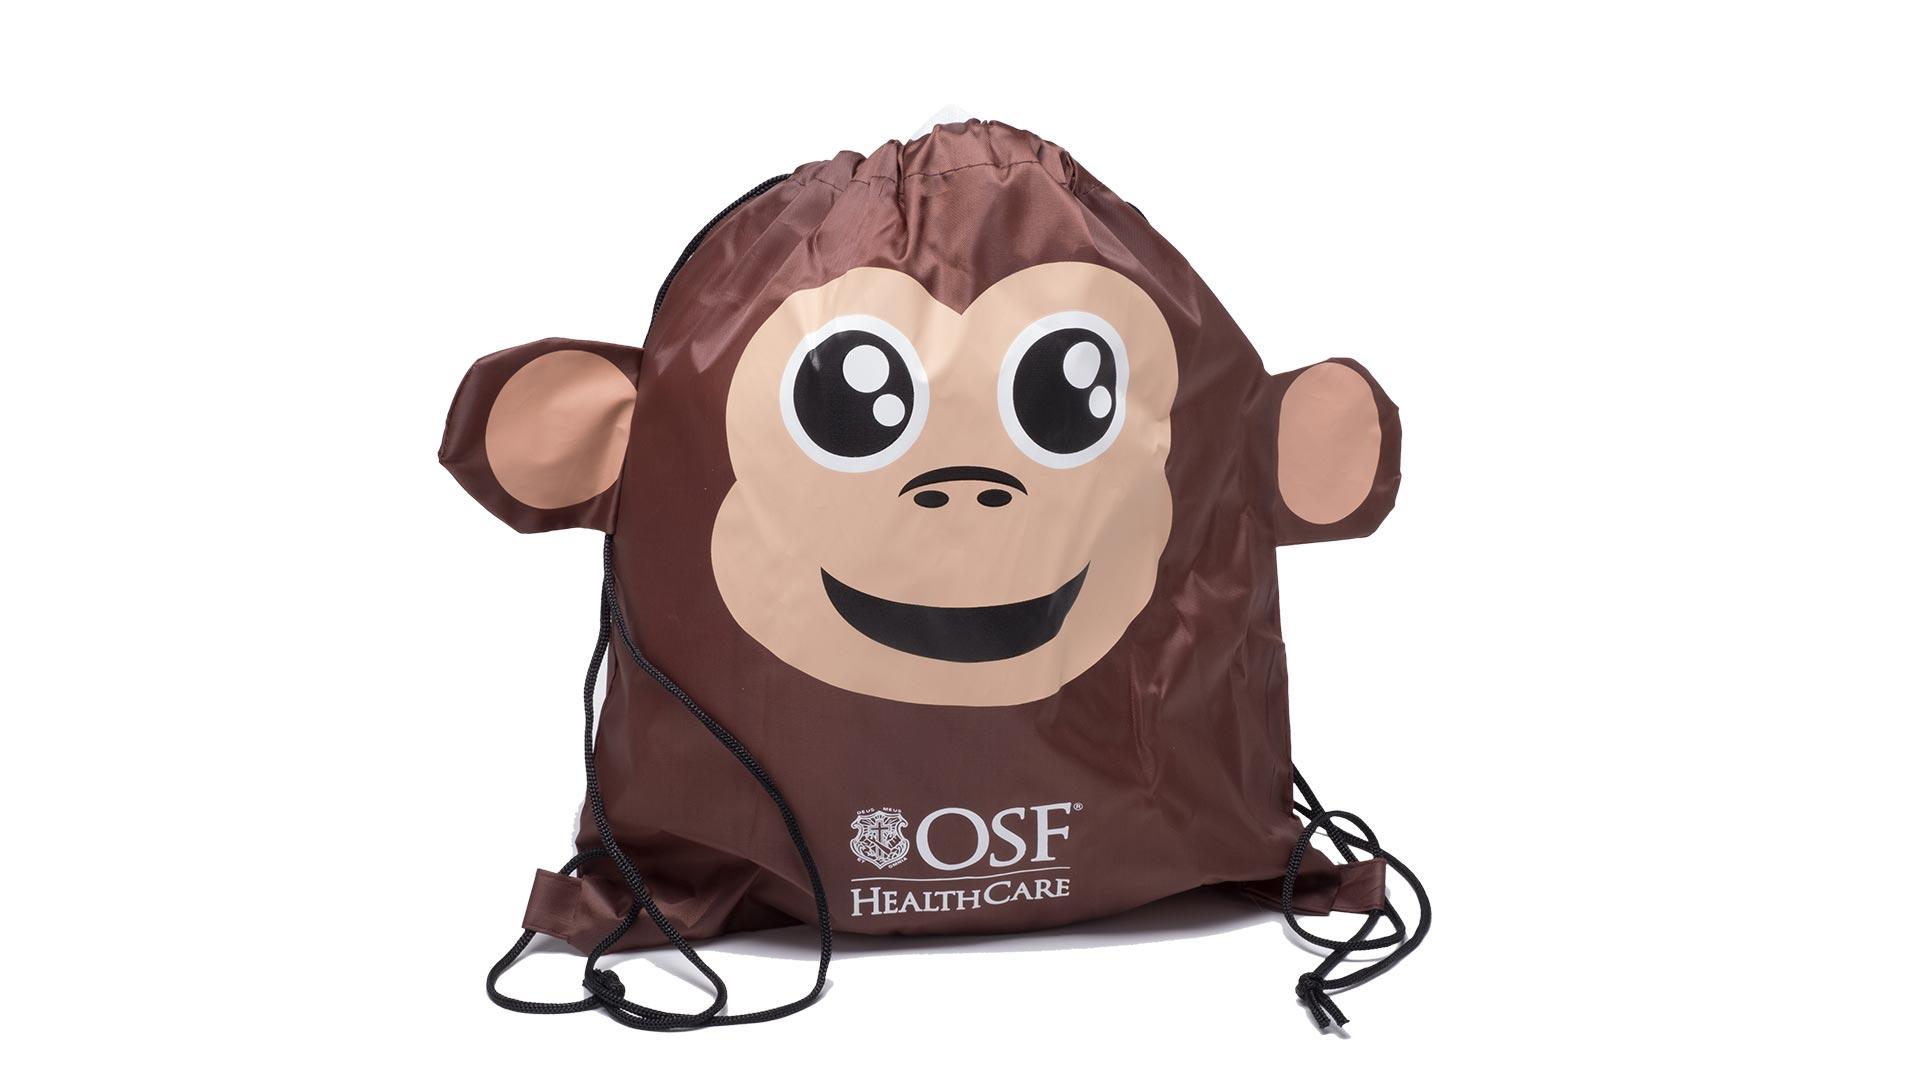 borsetta a zainetto con raffigurata una scimmia marrone